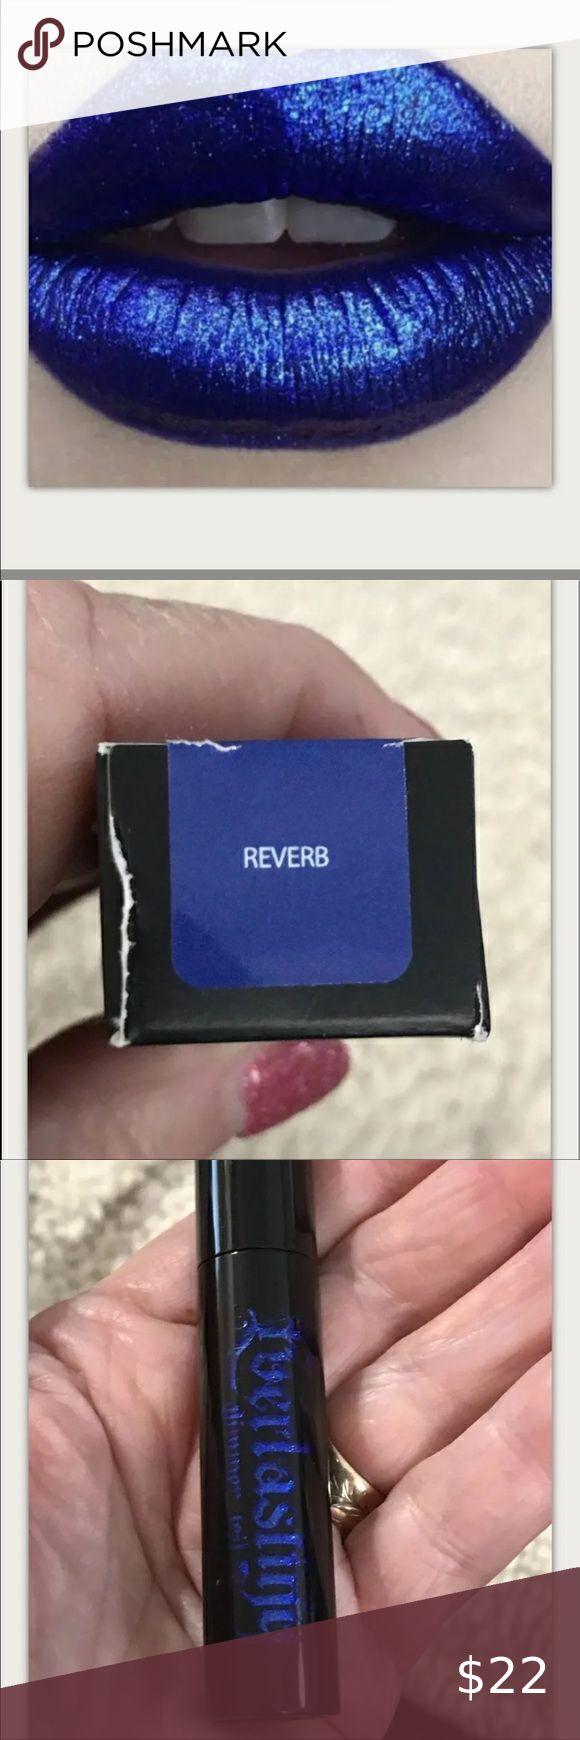 Reverb Cobalt Blue Kvd Glimmer Veil Lipstick Bnib Lipstick Brands Lipstick Cobalt Blue